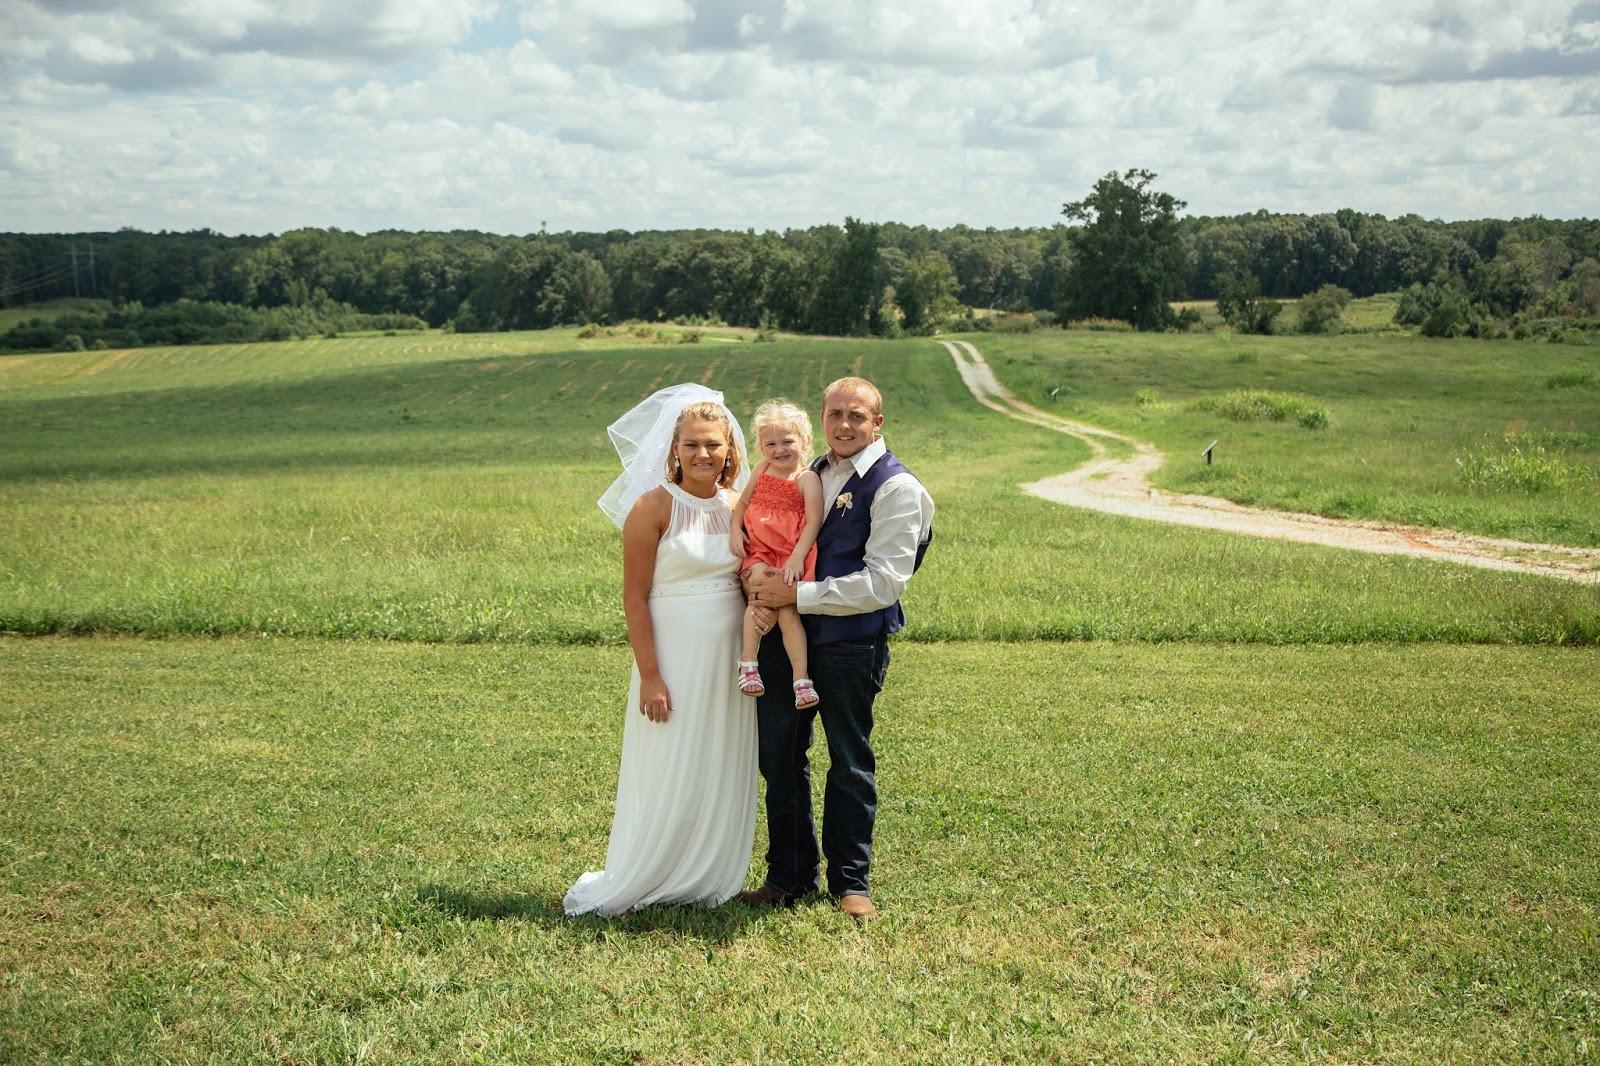 moore+wedding-58.jpg